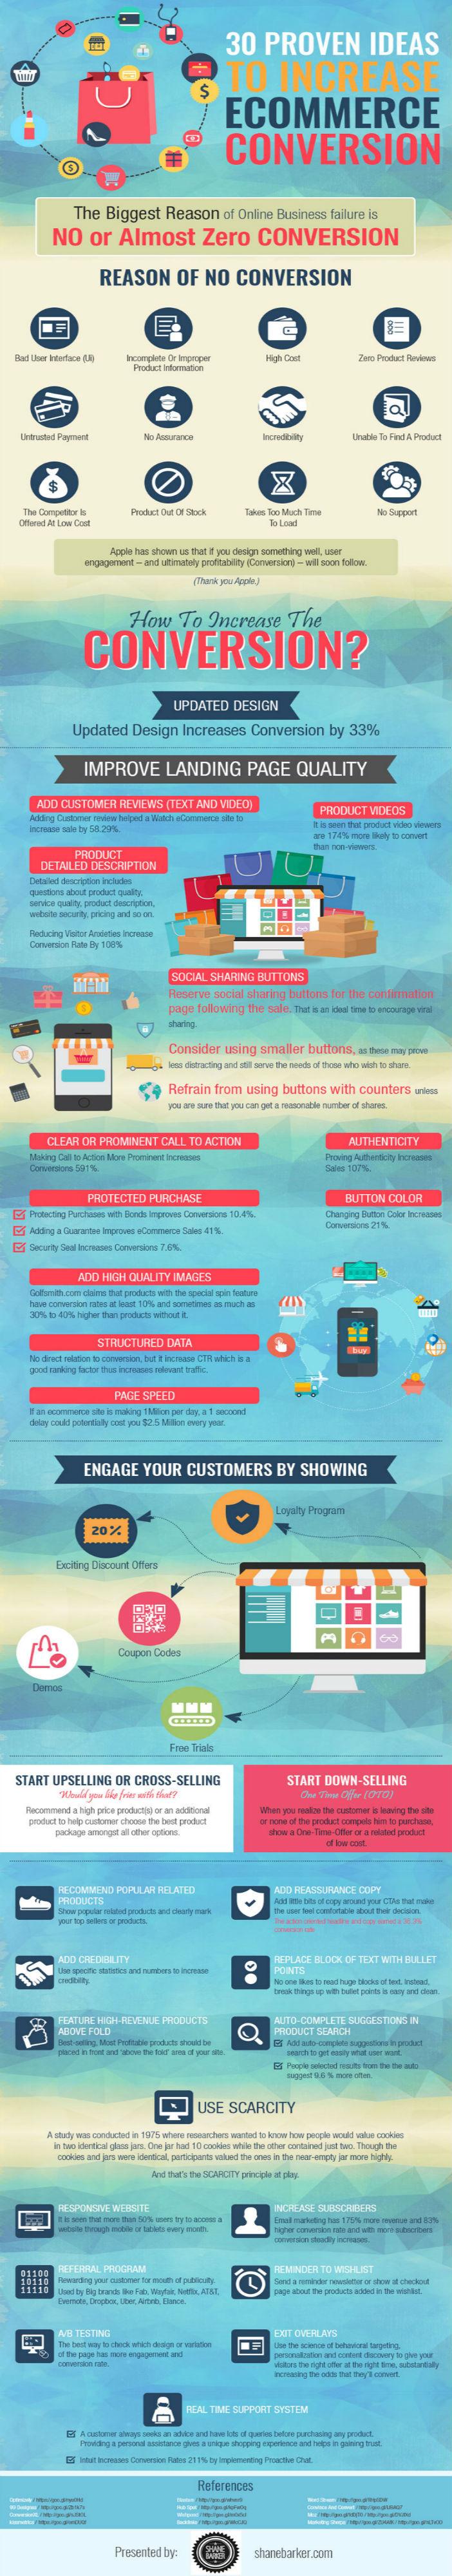 30 ideas que aumentarán la conversión en tu e-Commerce